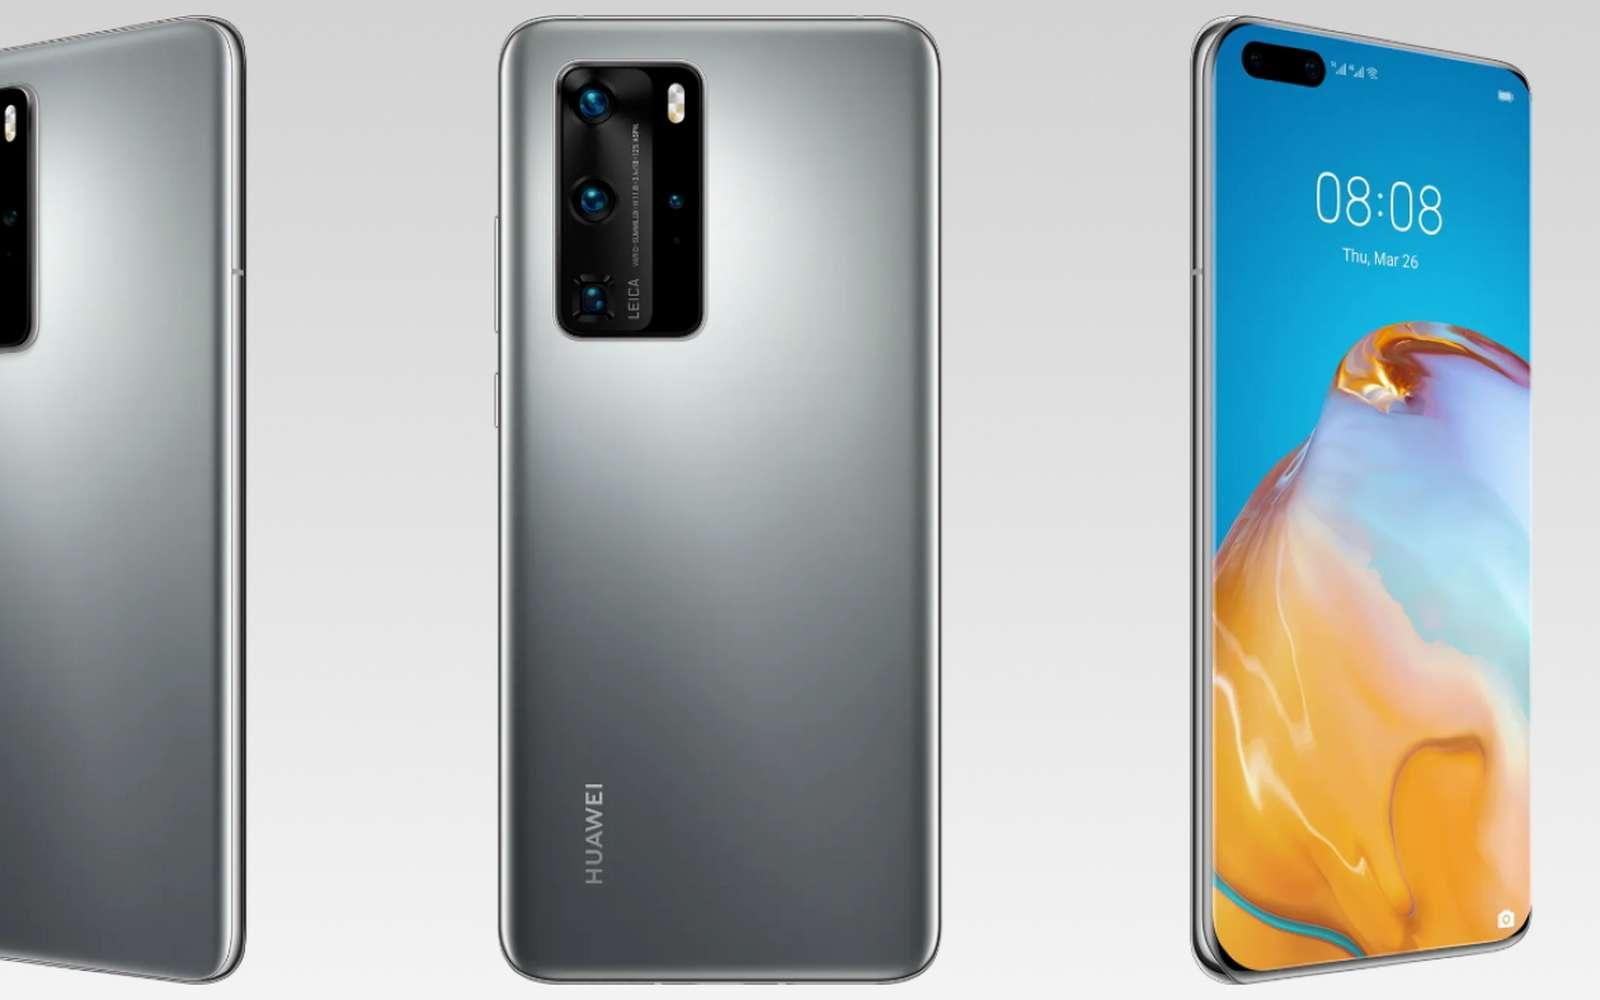 Le Huawei P40 Pro est la version la plus haut de gamme de la marque en attendant l'arrivée de la version Plus. Il ne lui manque rien, sauf…. Google. © Huawei